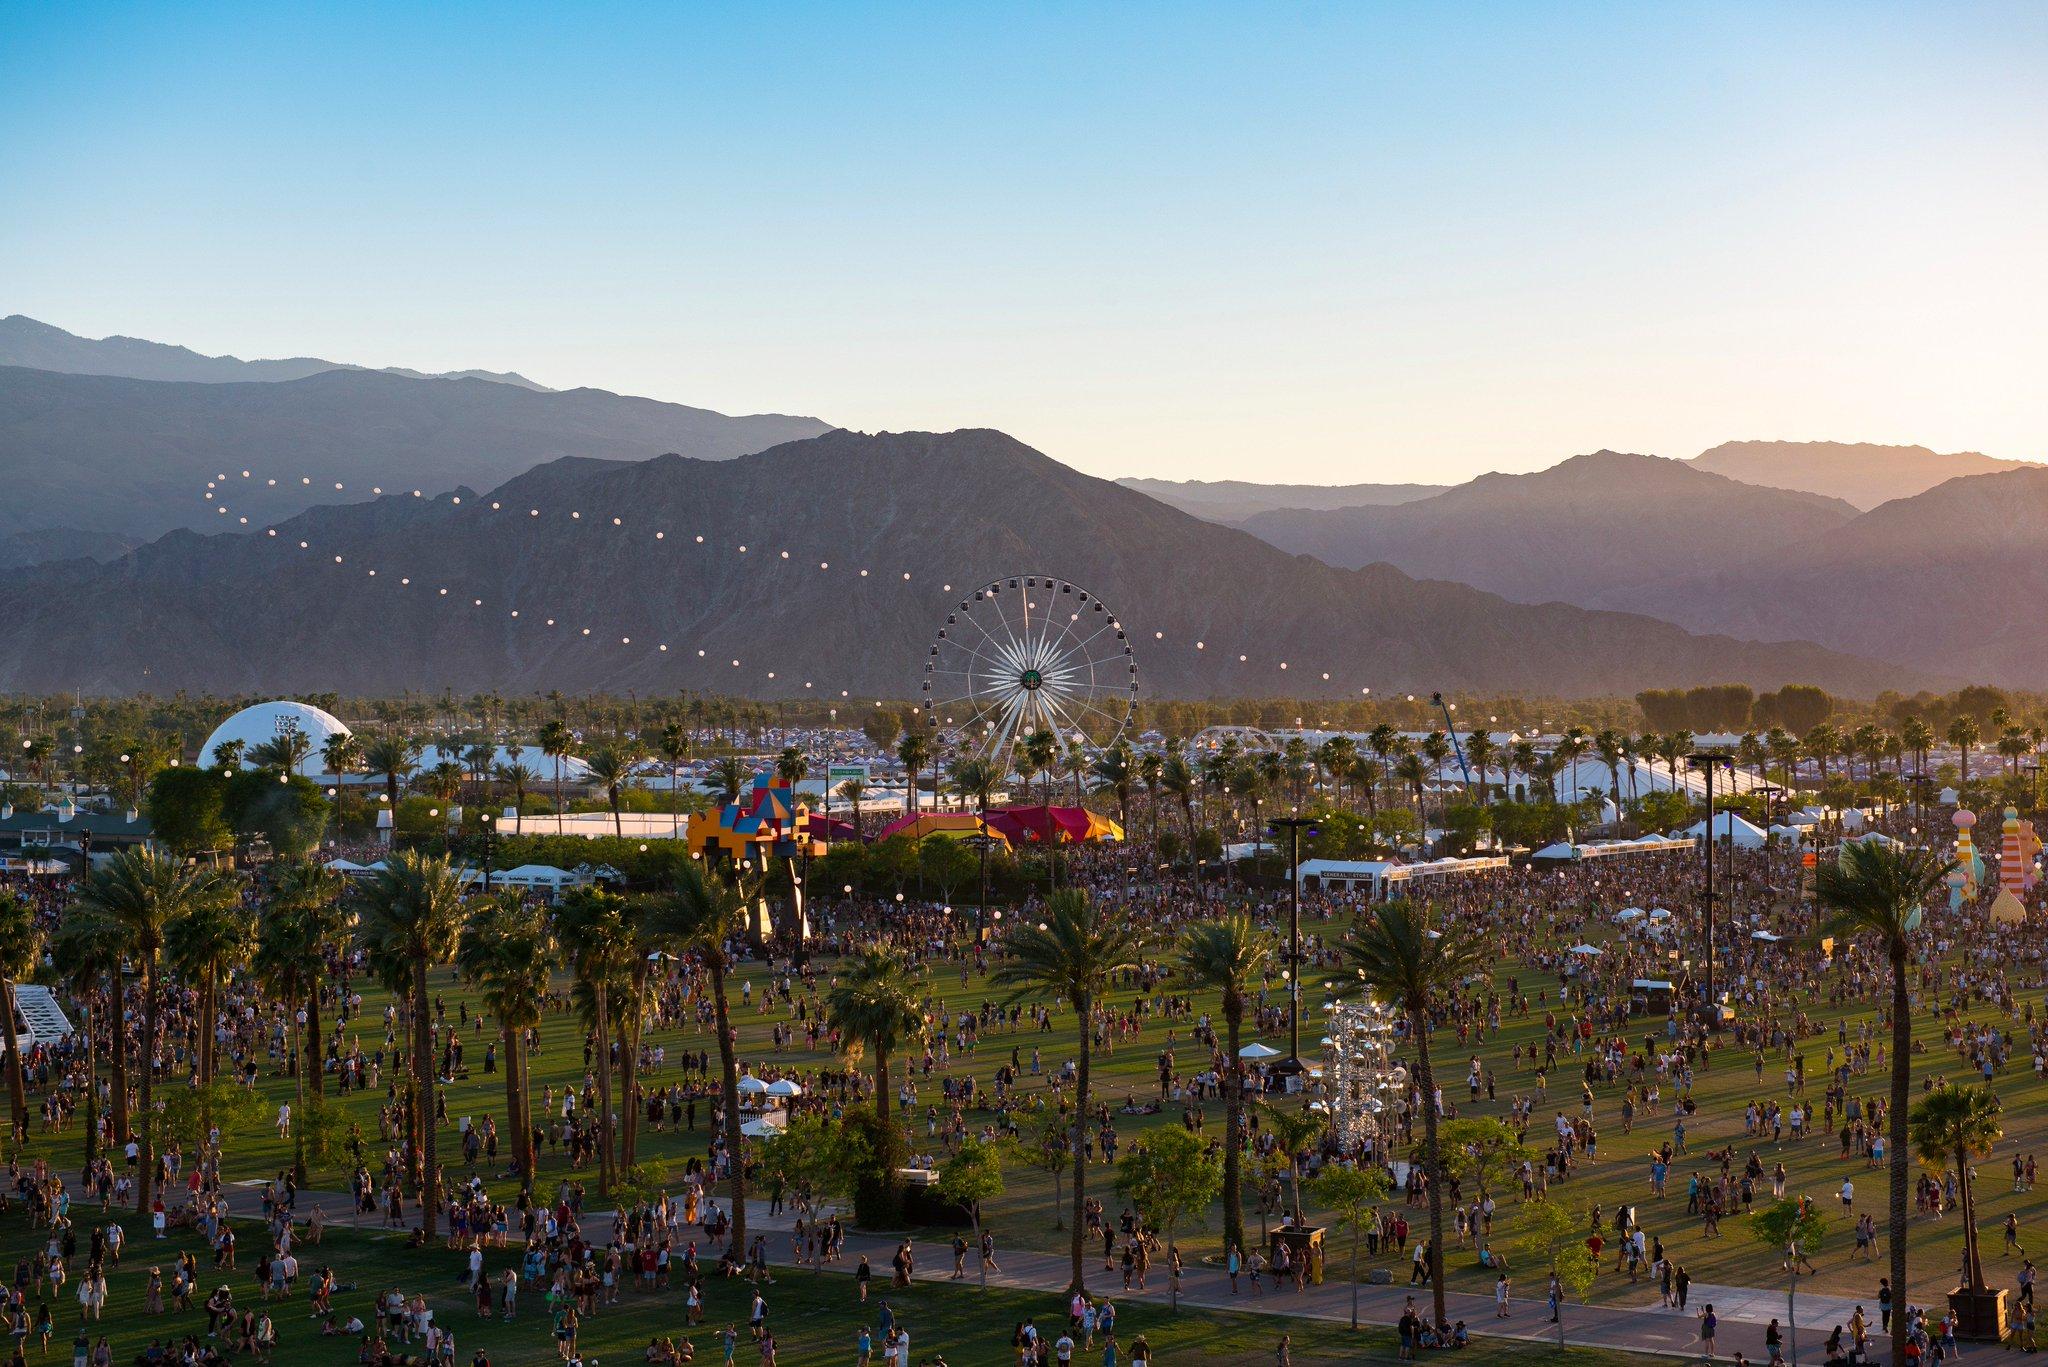 Thumbnail for Segundo día de Coachella 2017